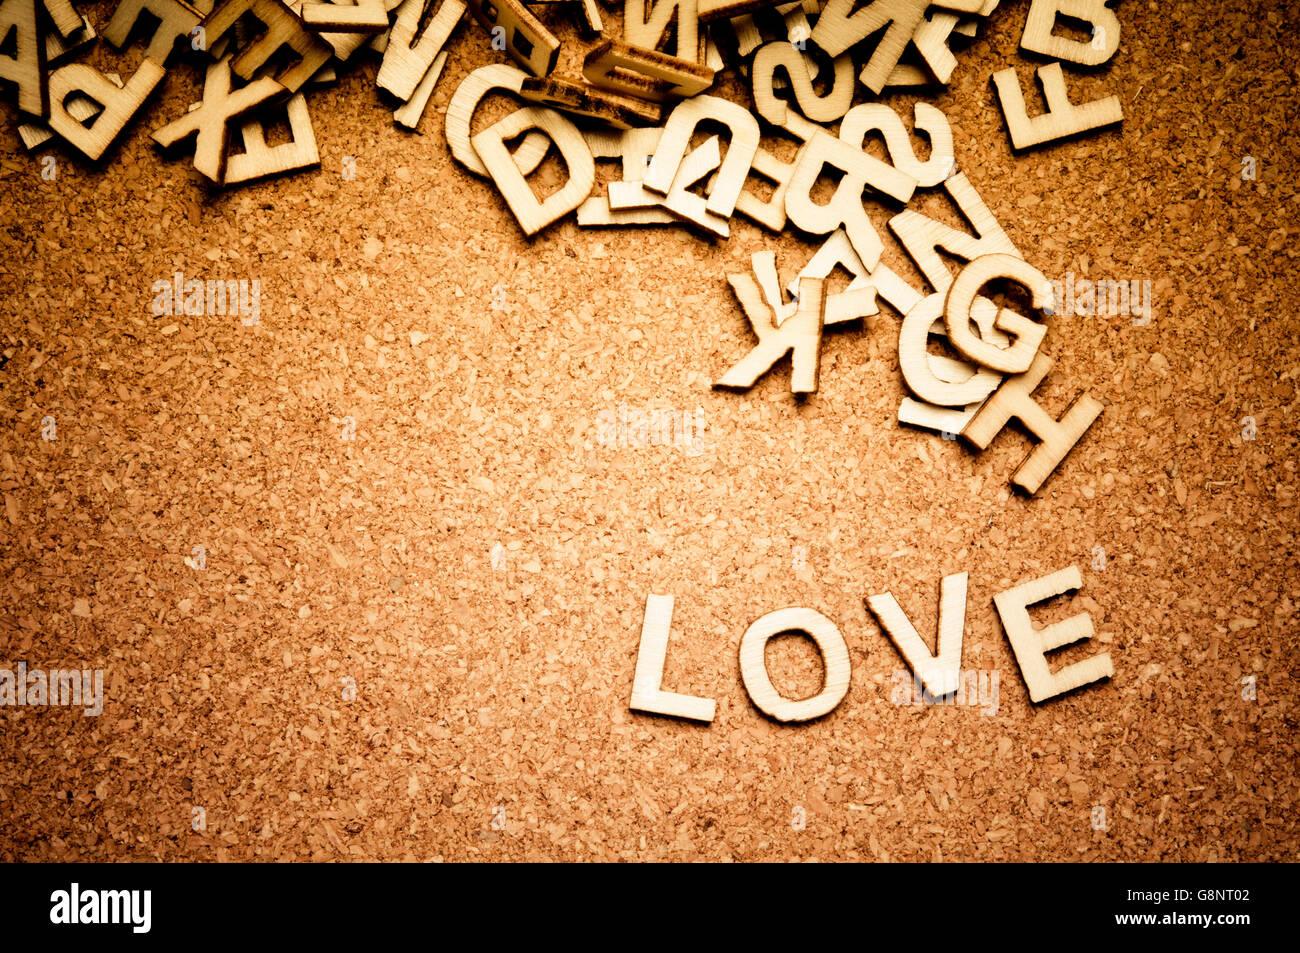 Palabra amor escrito con letras de madera Imagen De Stock